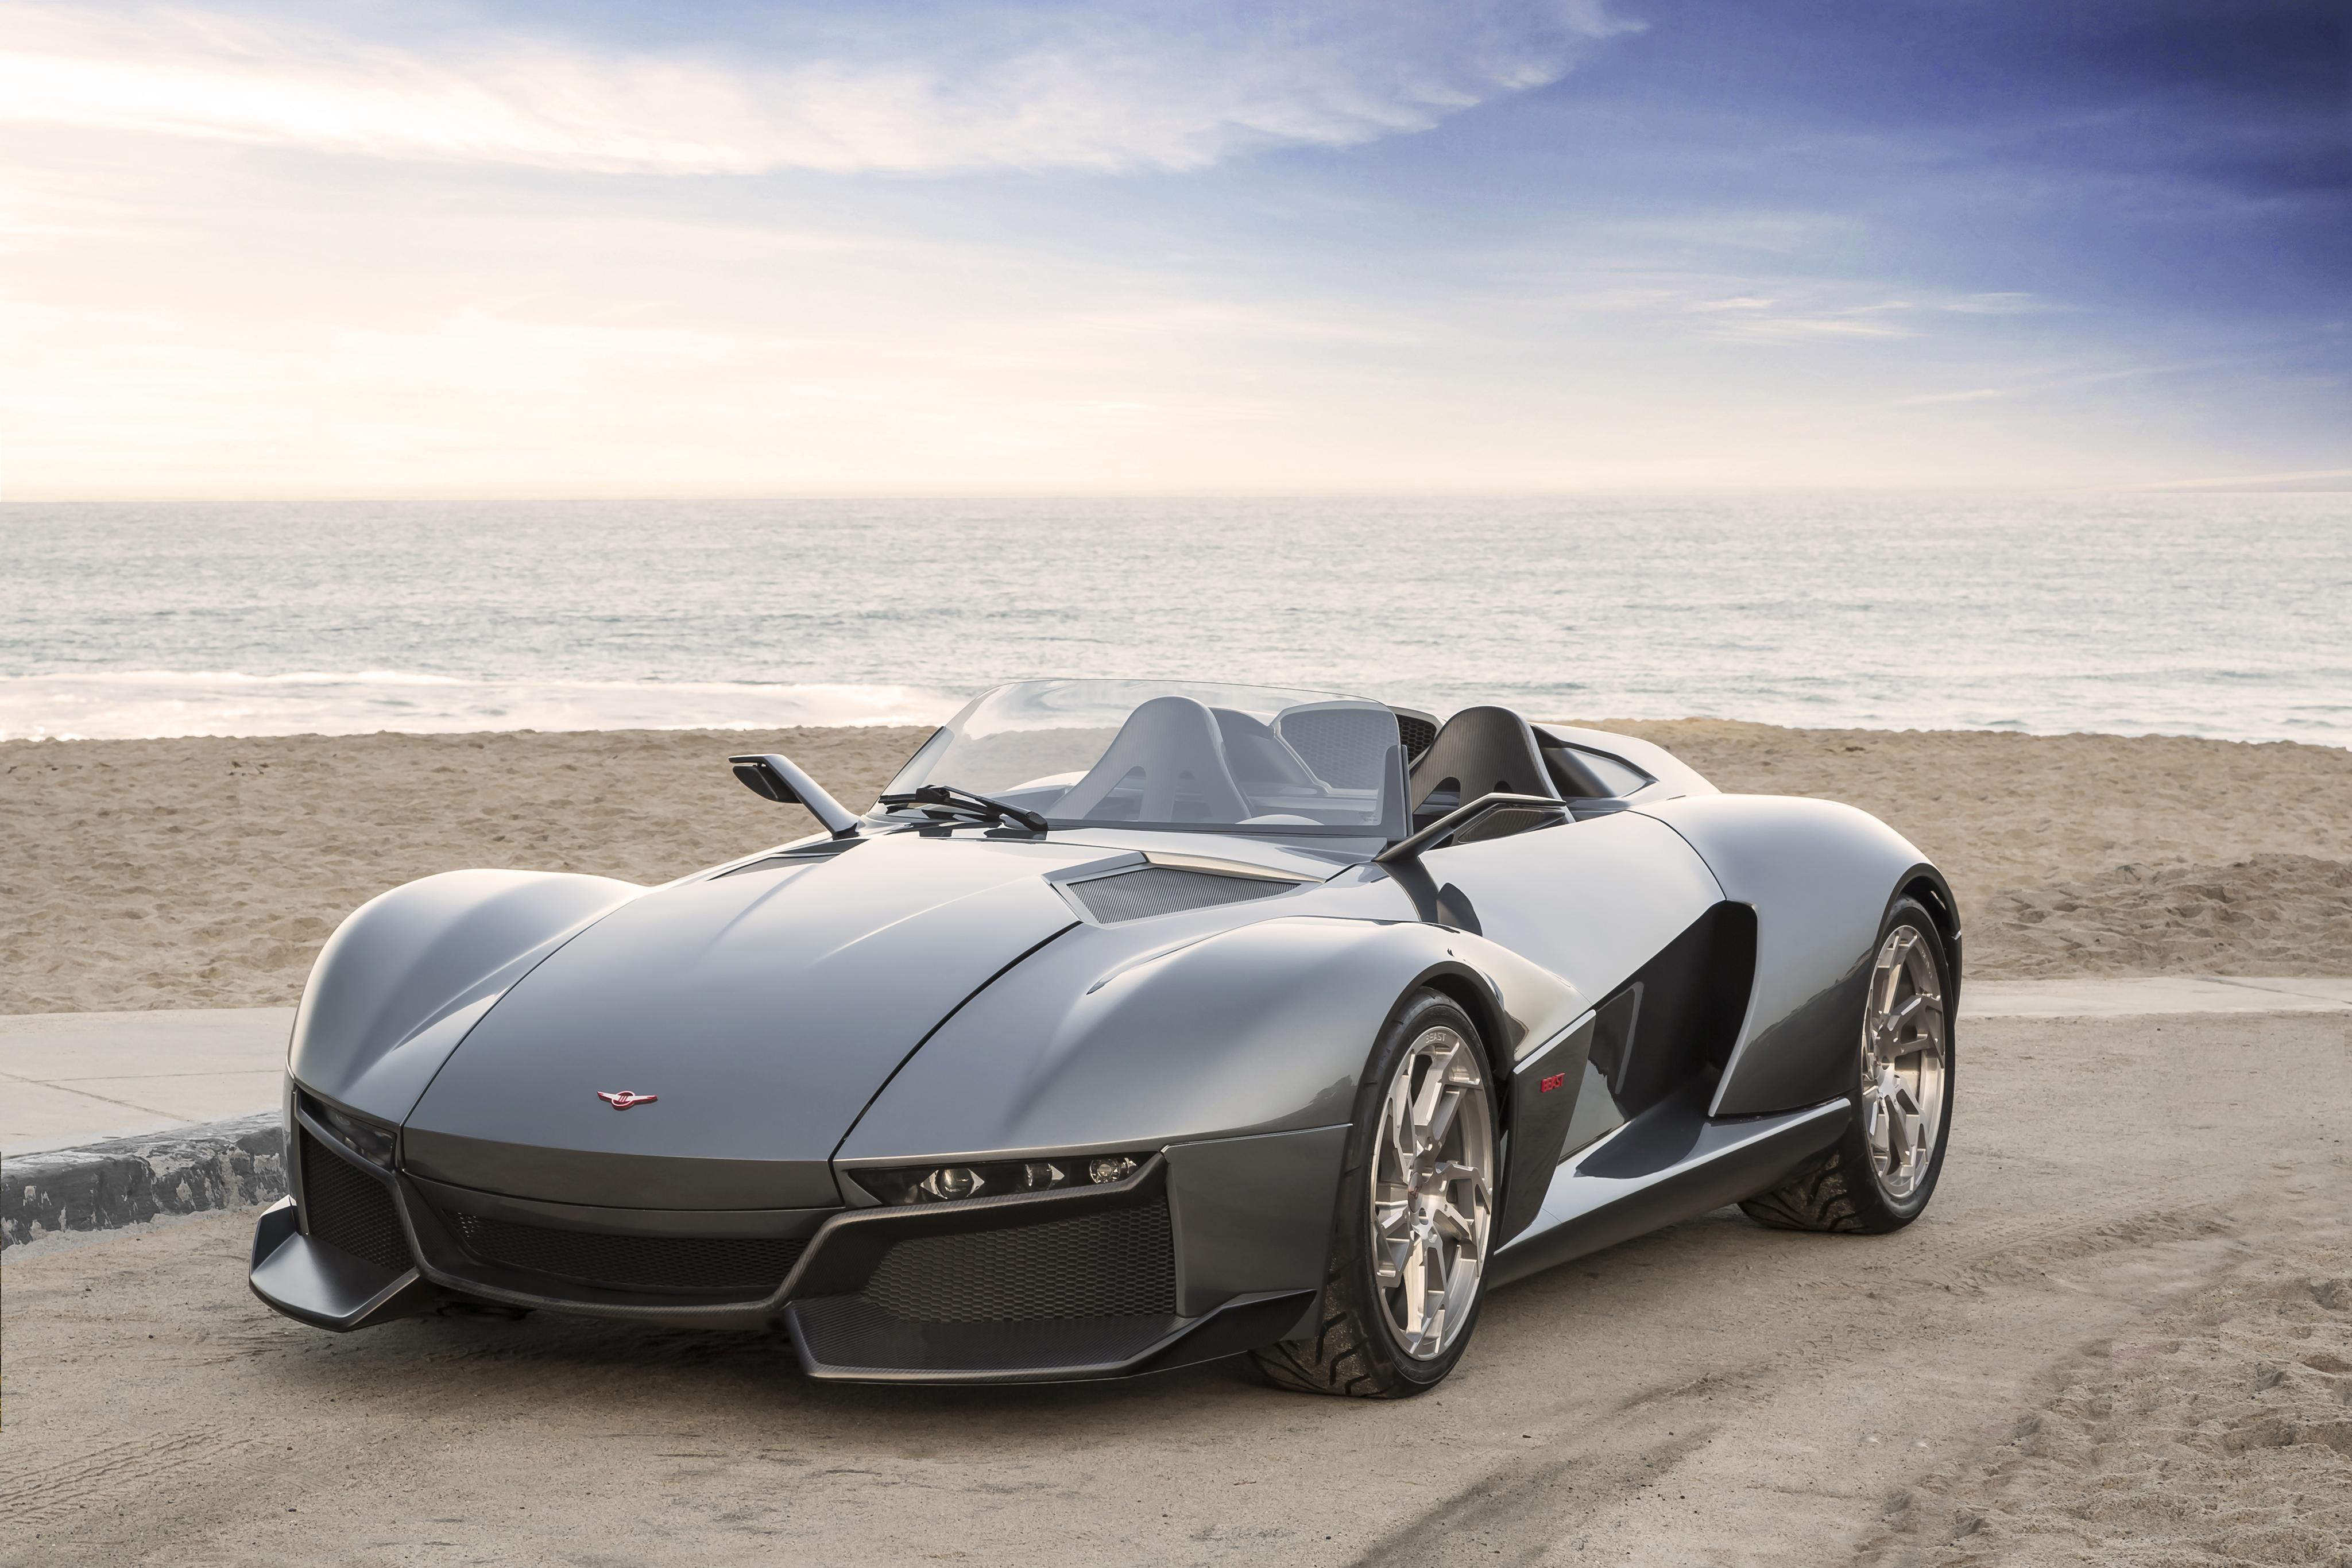 137764 Hintergrundbild herunterladen Cars, Tier, Seitenansicht, Supersportwagen, Rezvani-Motoren - Bildschirmschoner und Bilder kostenlos